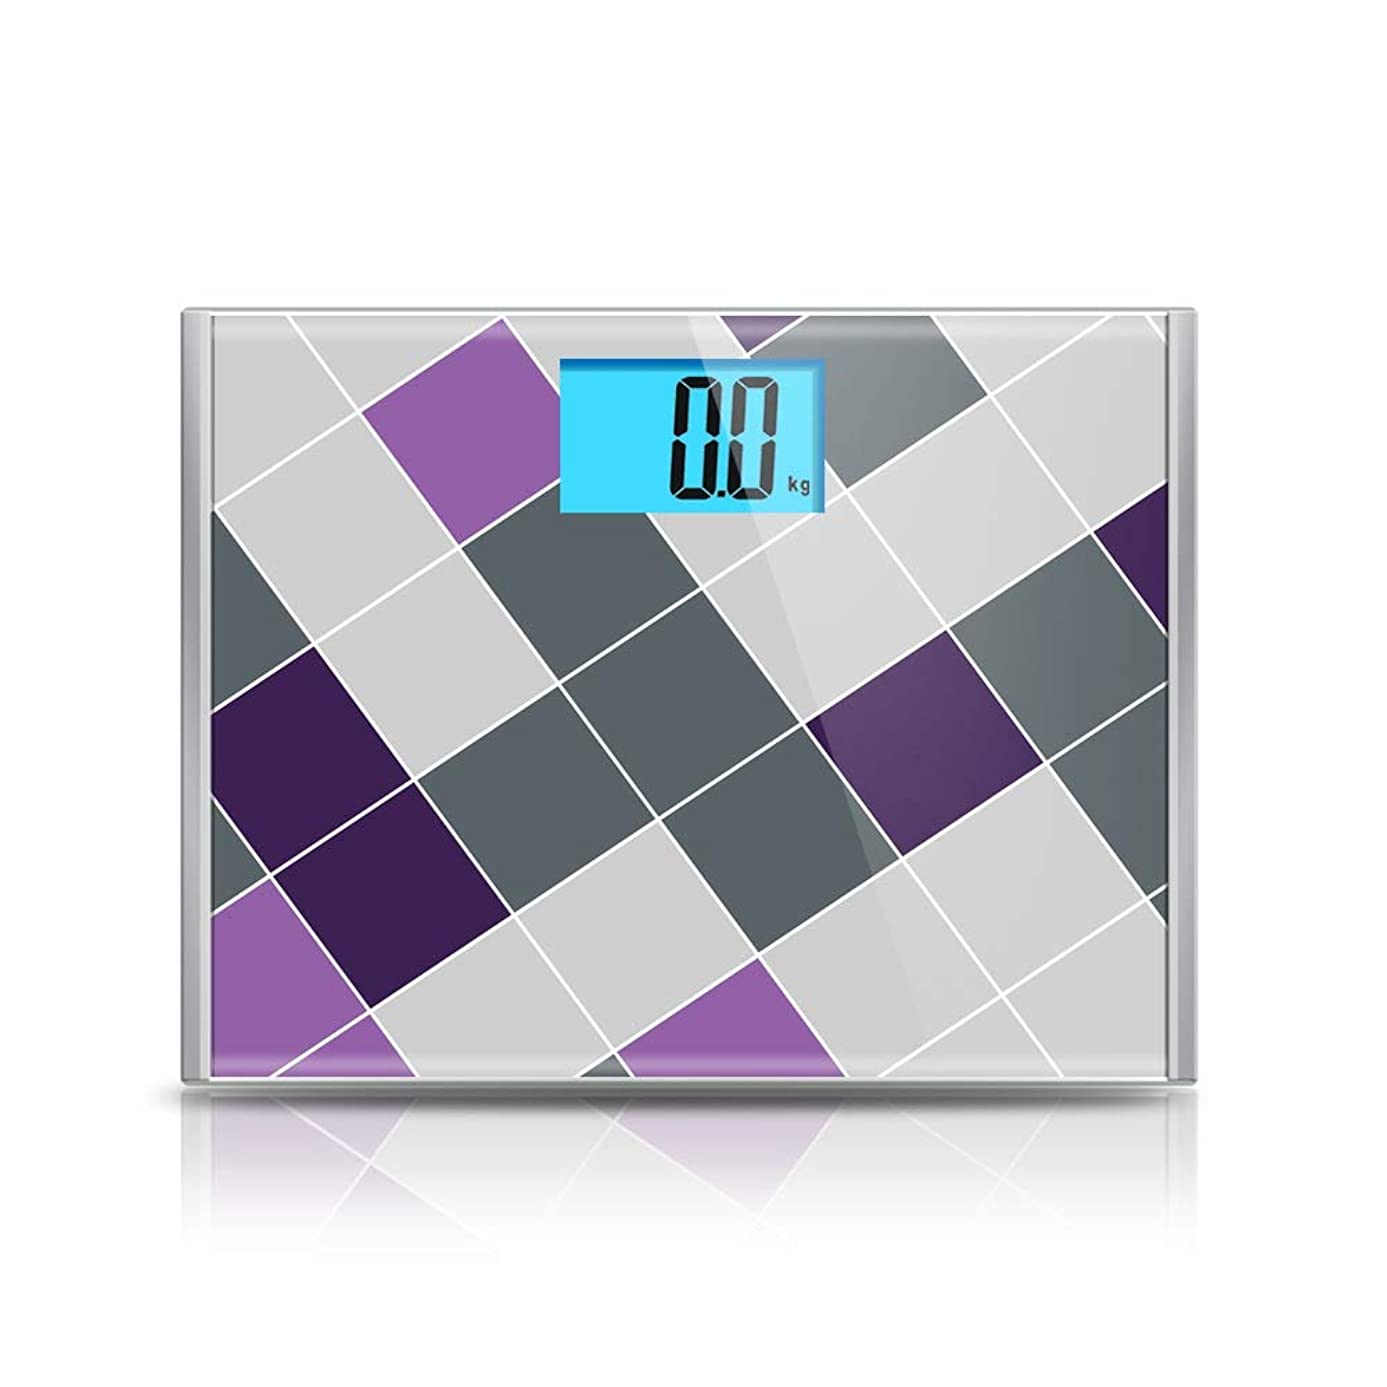 安心統合妨げる床科学的なスマート電子体脂肪スケール大規模正確な計量LEDデジタル重量 - 15.4 x 11.8 x 1インチ ZHHCP